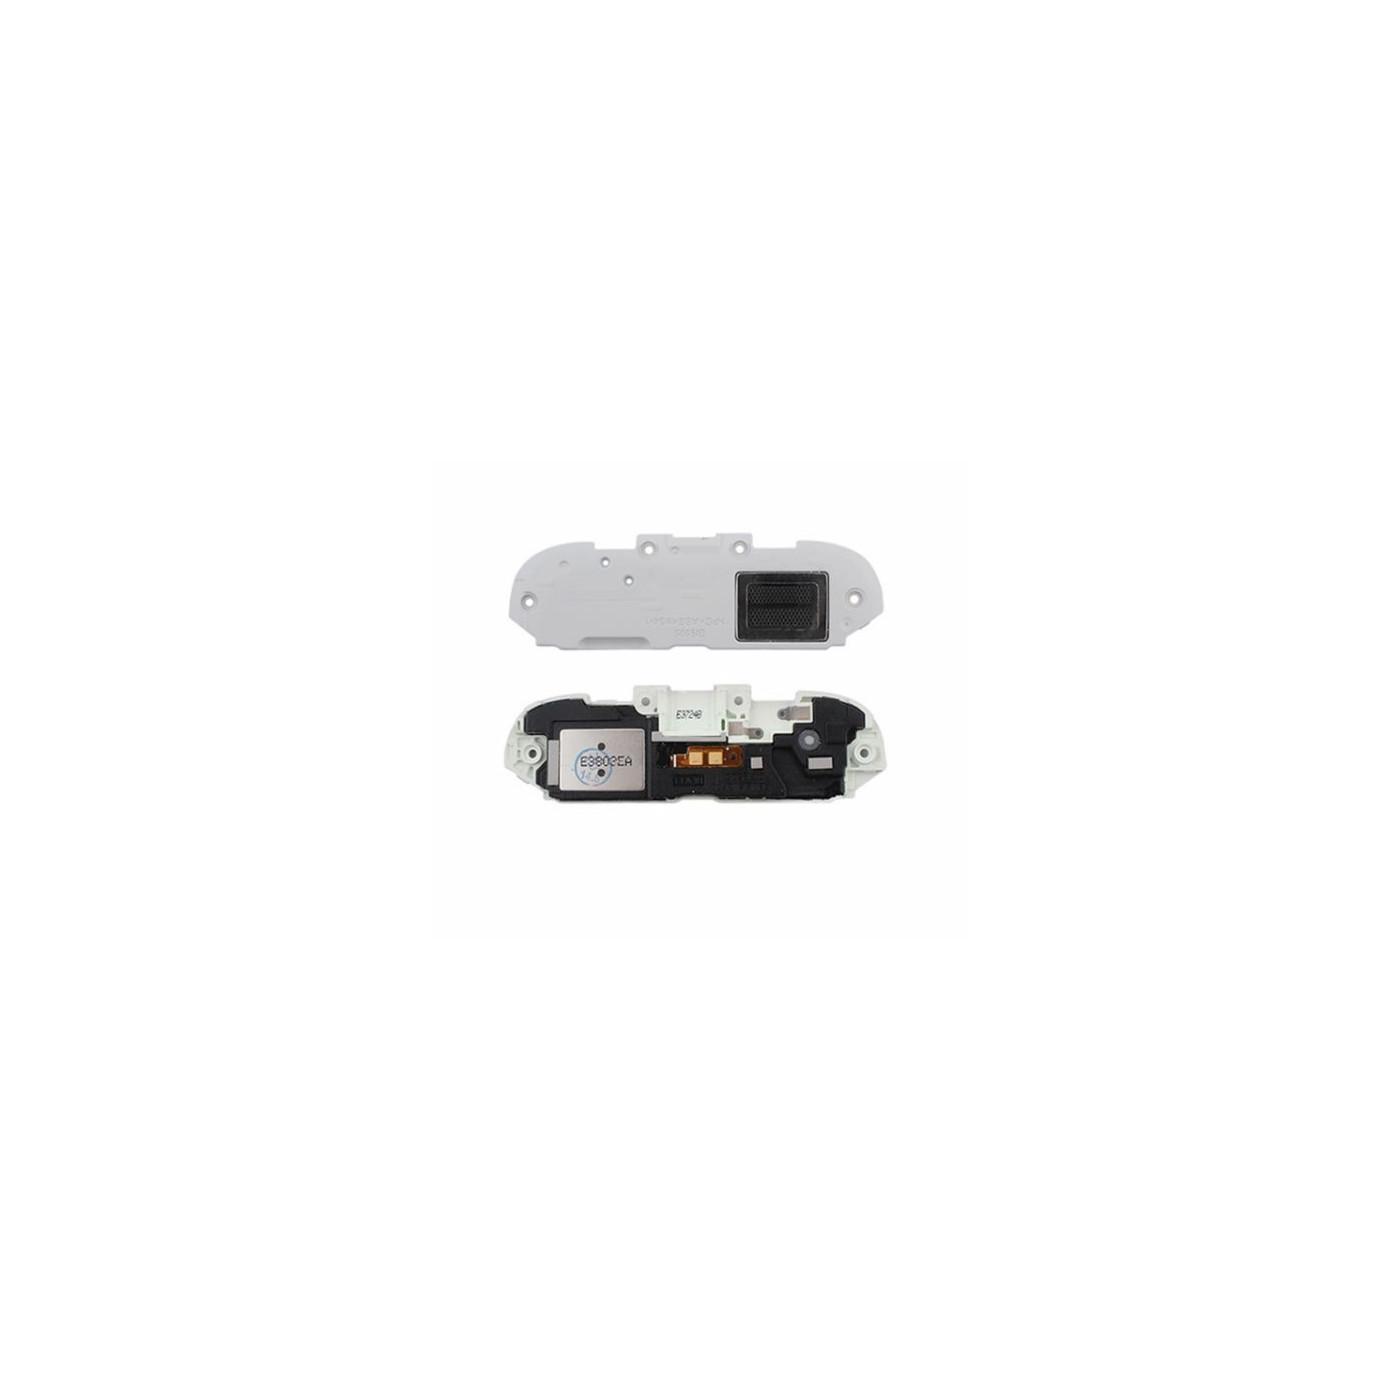 Altavoz altavoz manos libres de audio para samsung galaxy s4 i9505 reemplazo blanco